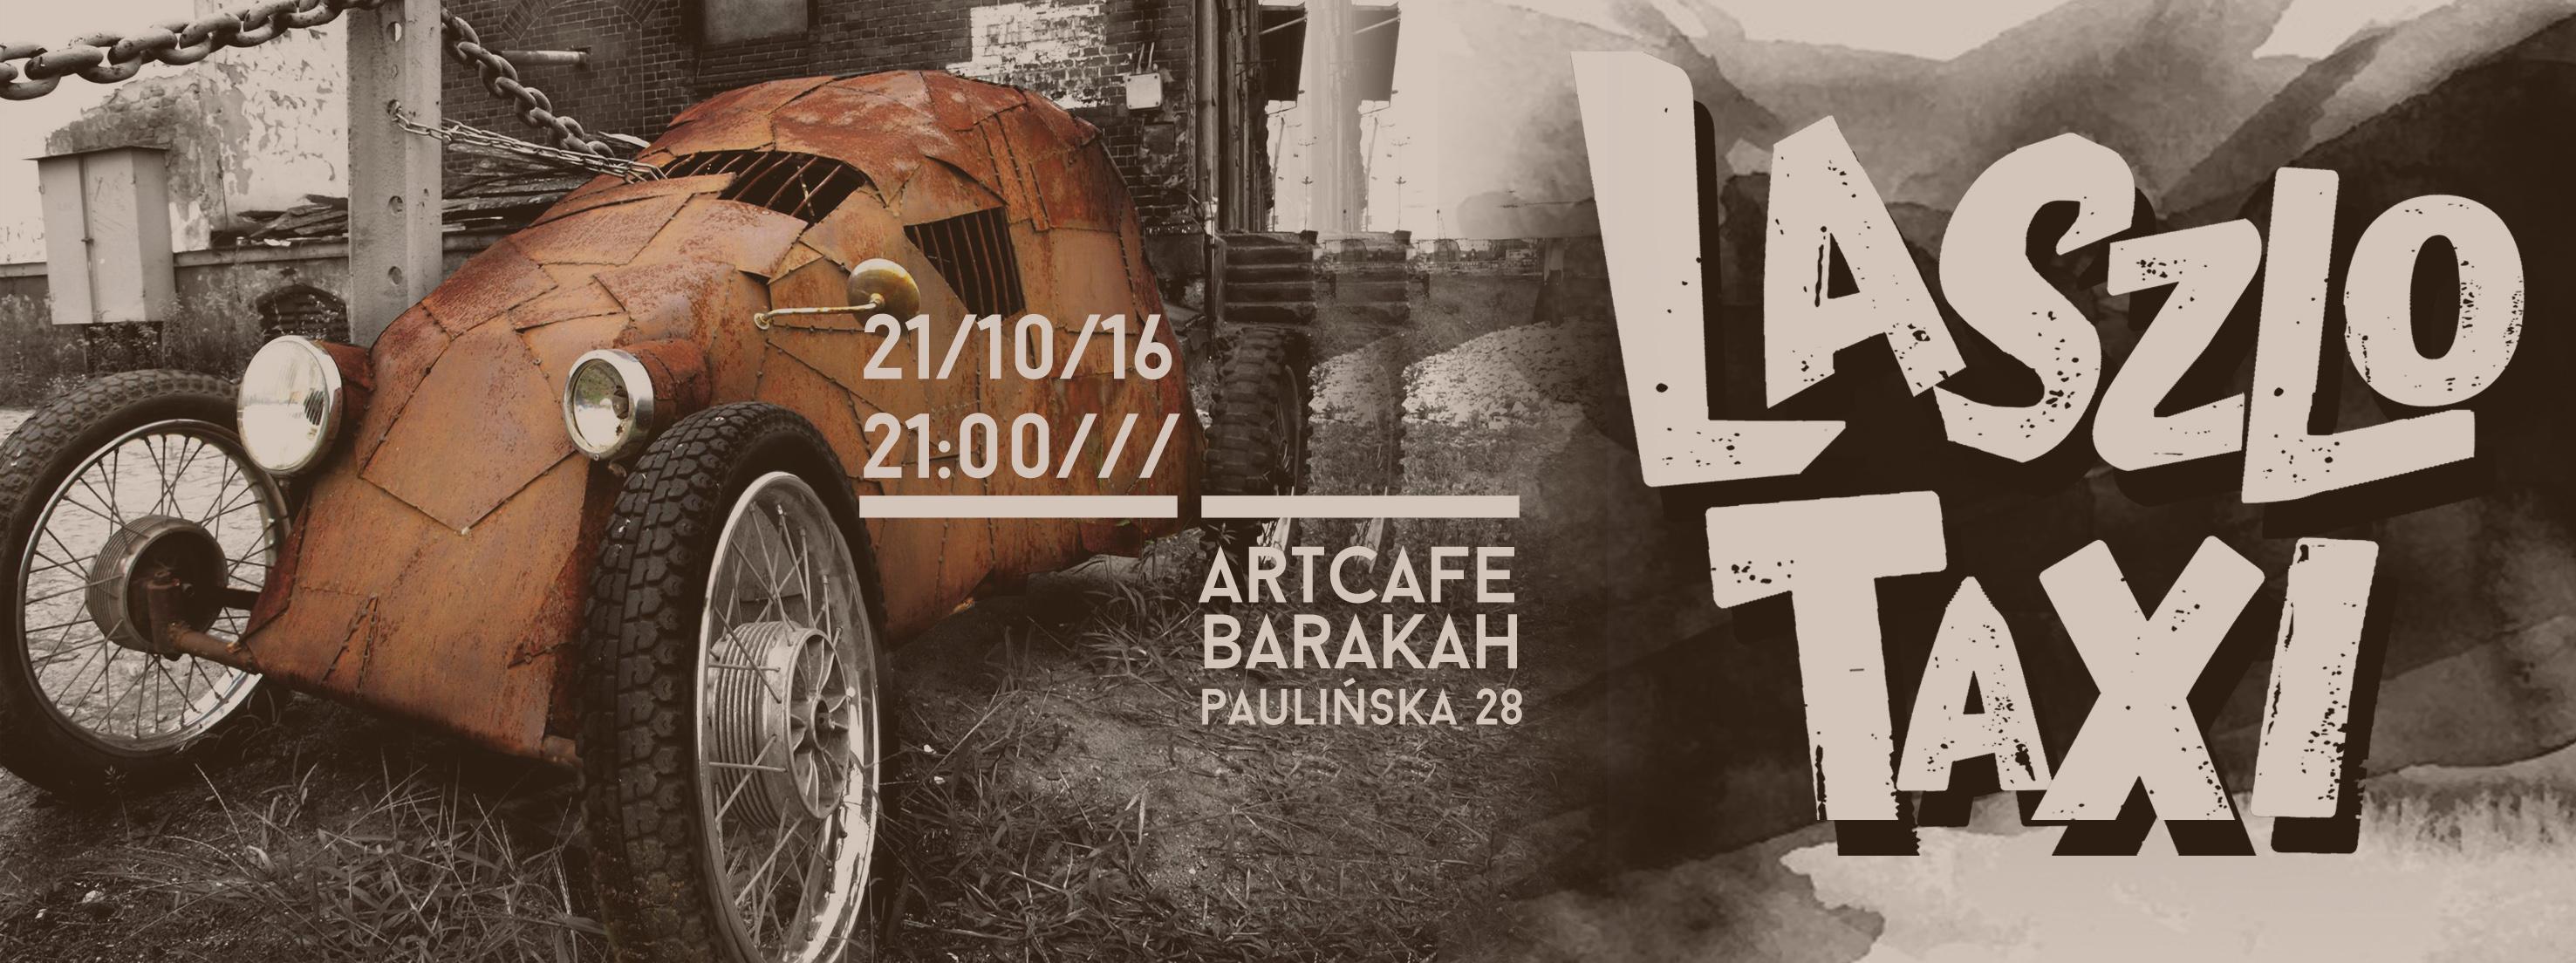 plakat nadesłany przez Organizatora (ArtCafe Barakah)